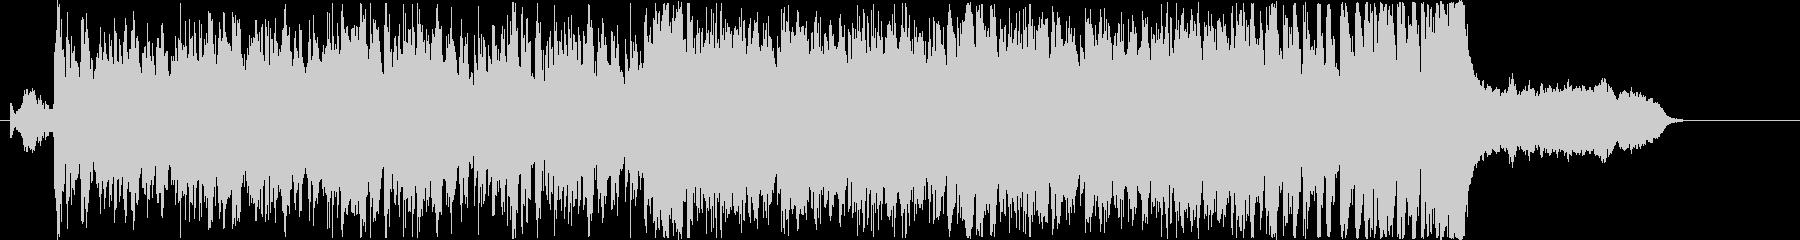 オーケストラ、民族楽器を使用したBGMの未再生の波形